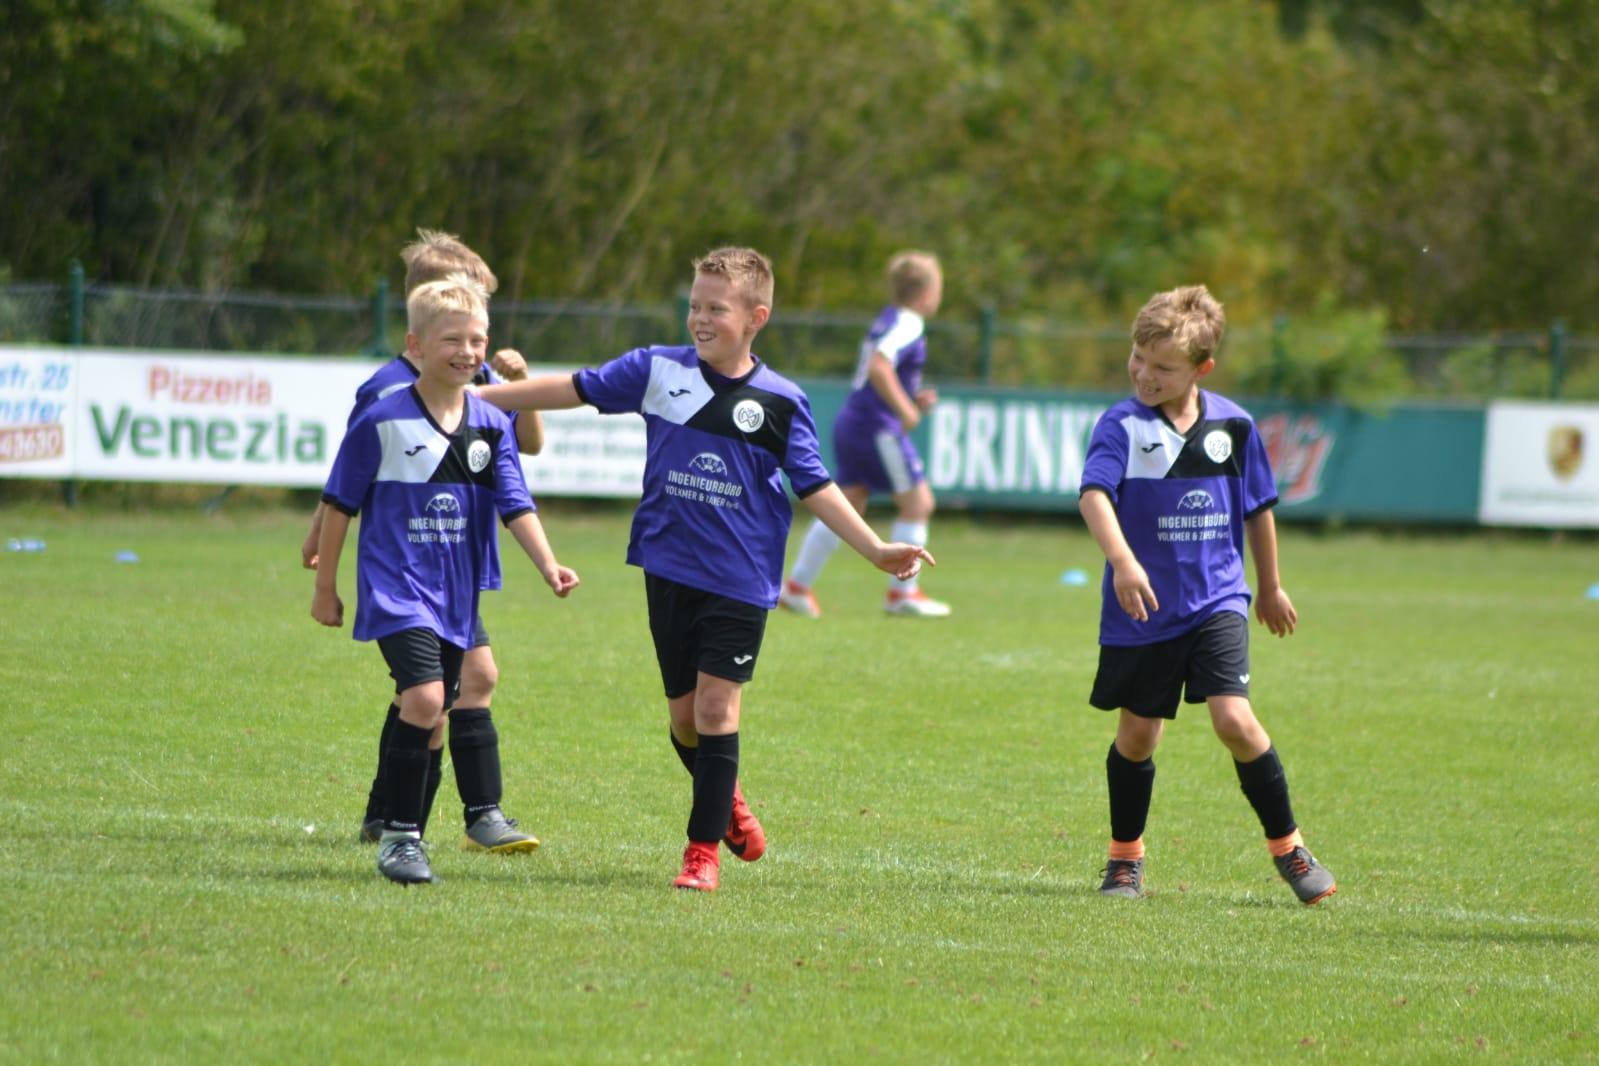 Wackers U10 I spielt Fußball!